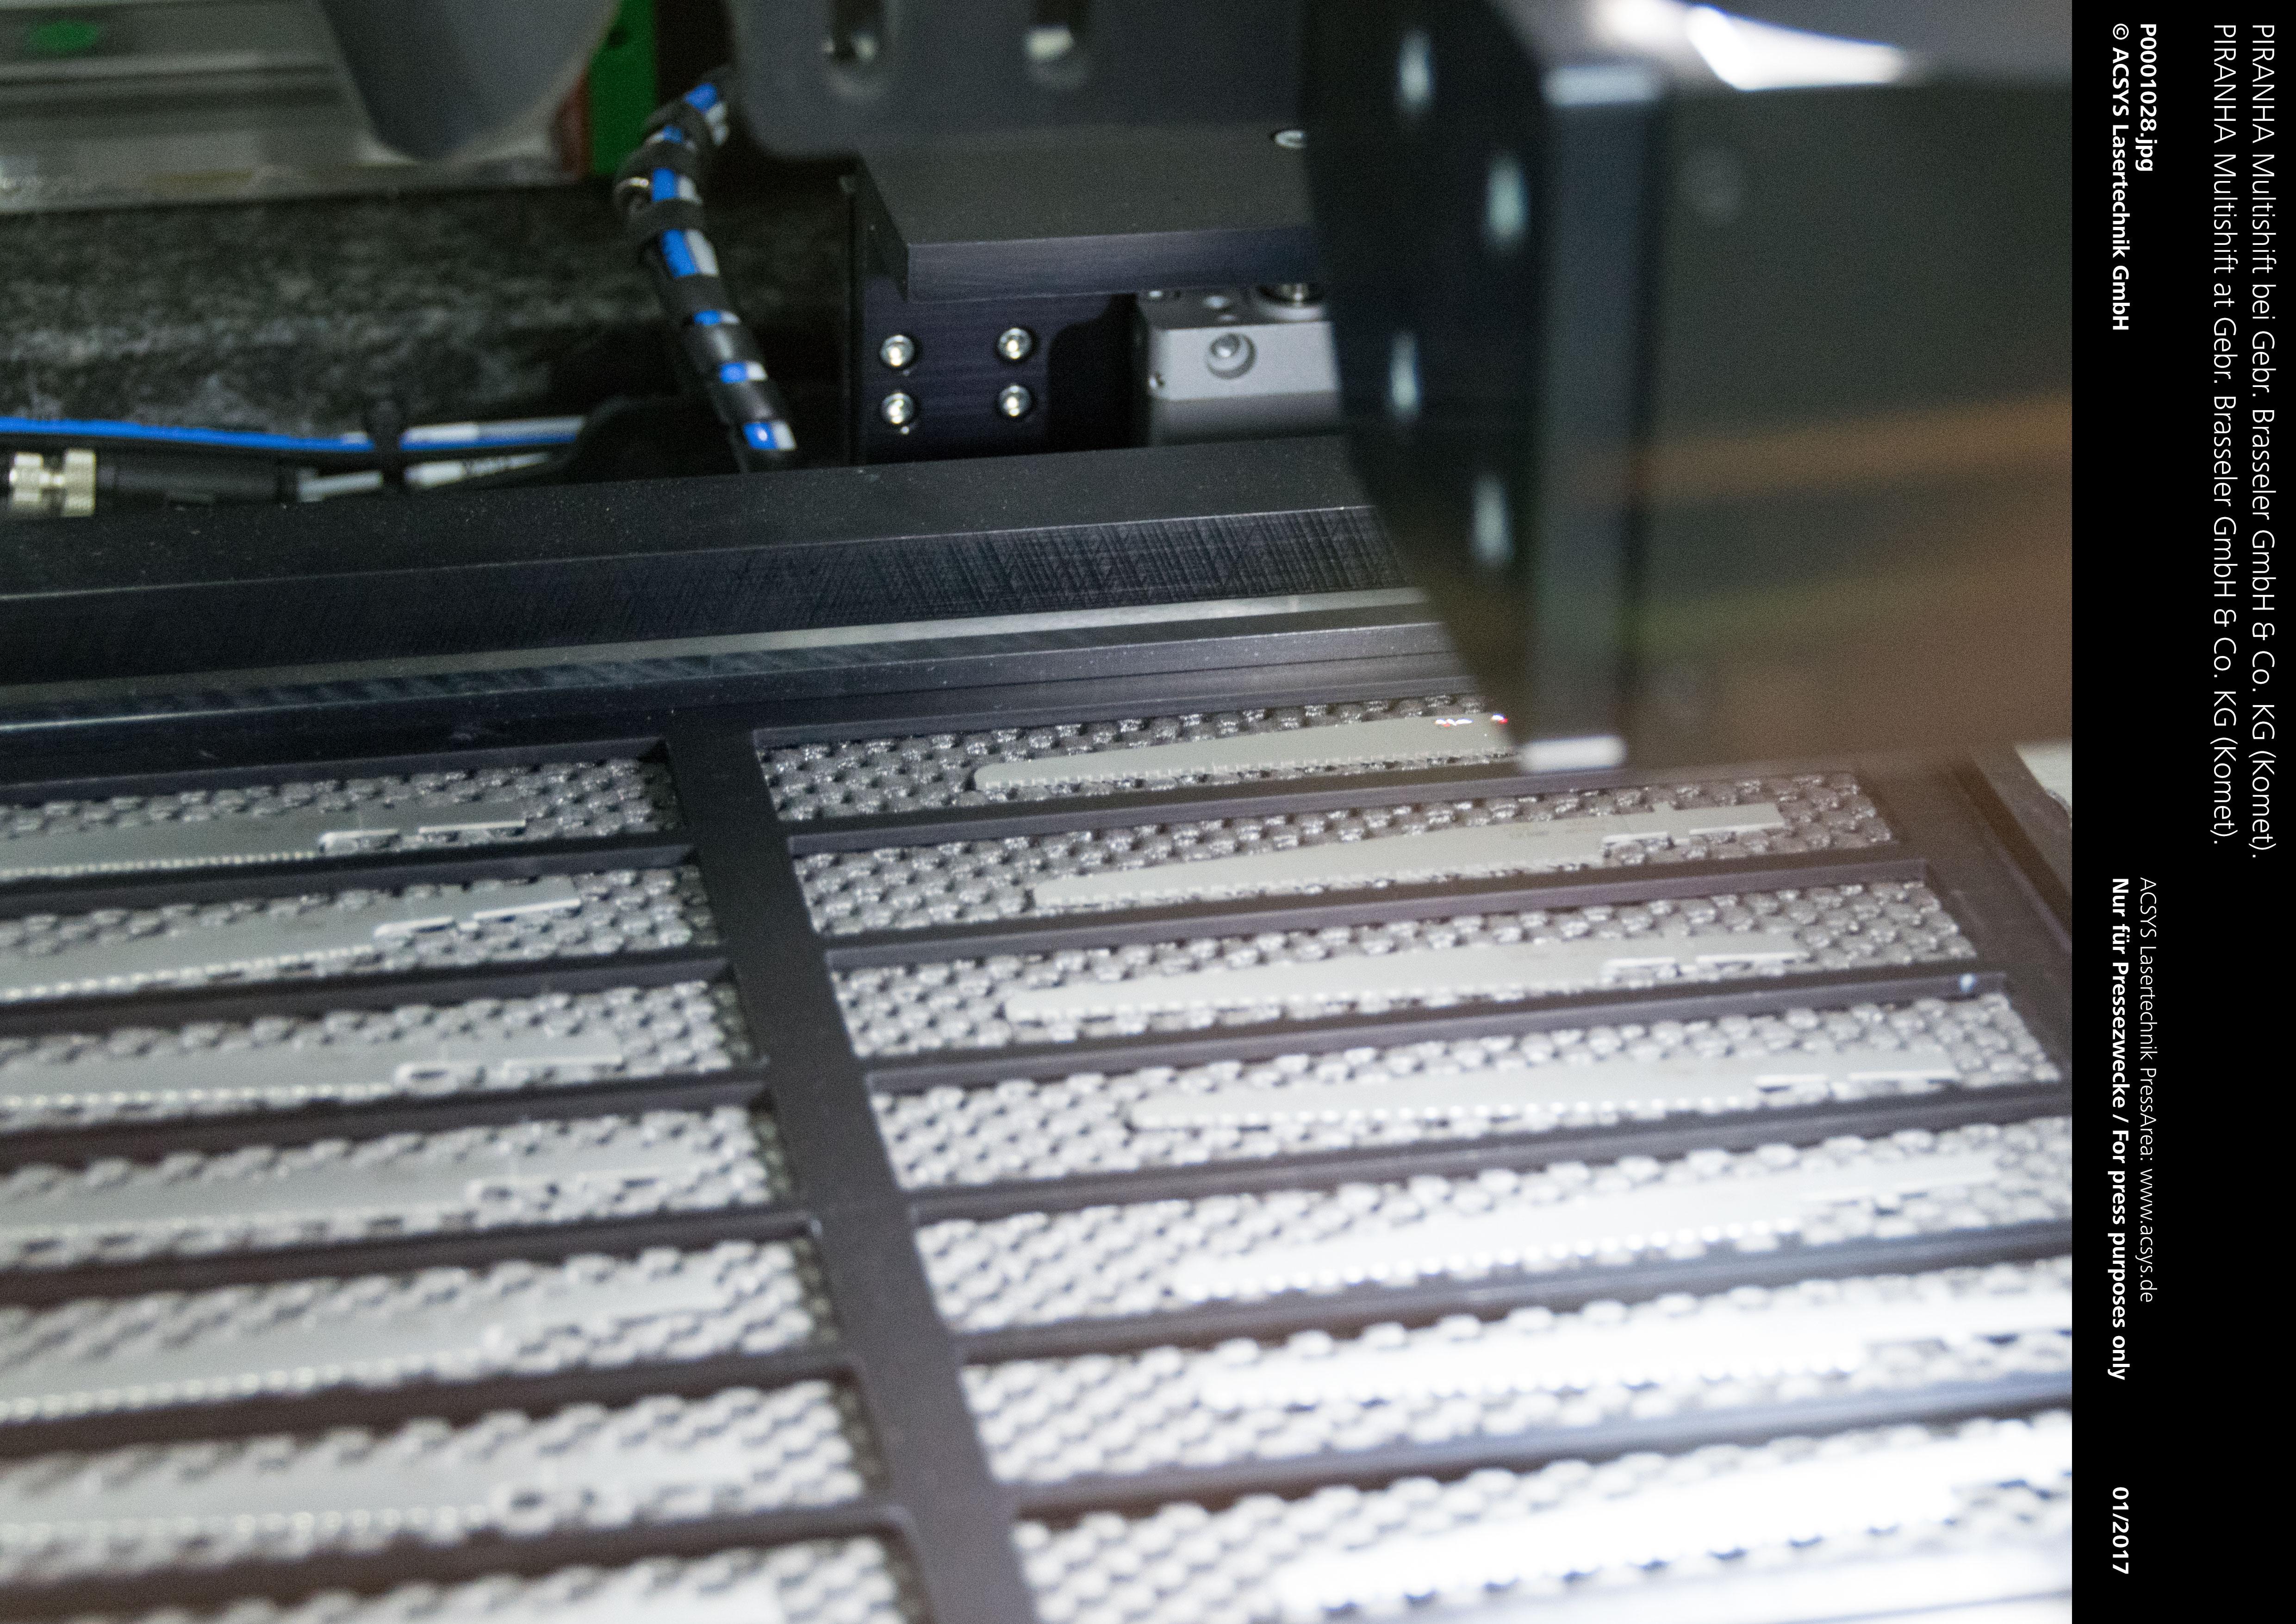 PIRANHA Multishift von ACSYS – Vollautomatische Laserbearbeitung von lose palettierten Sägeblättern.